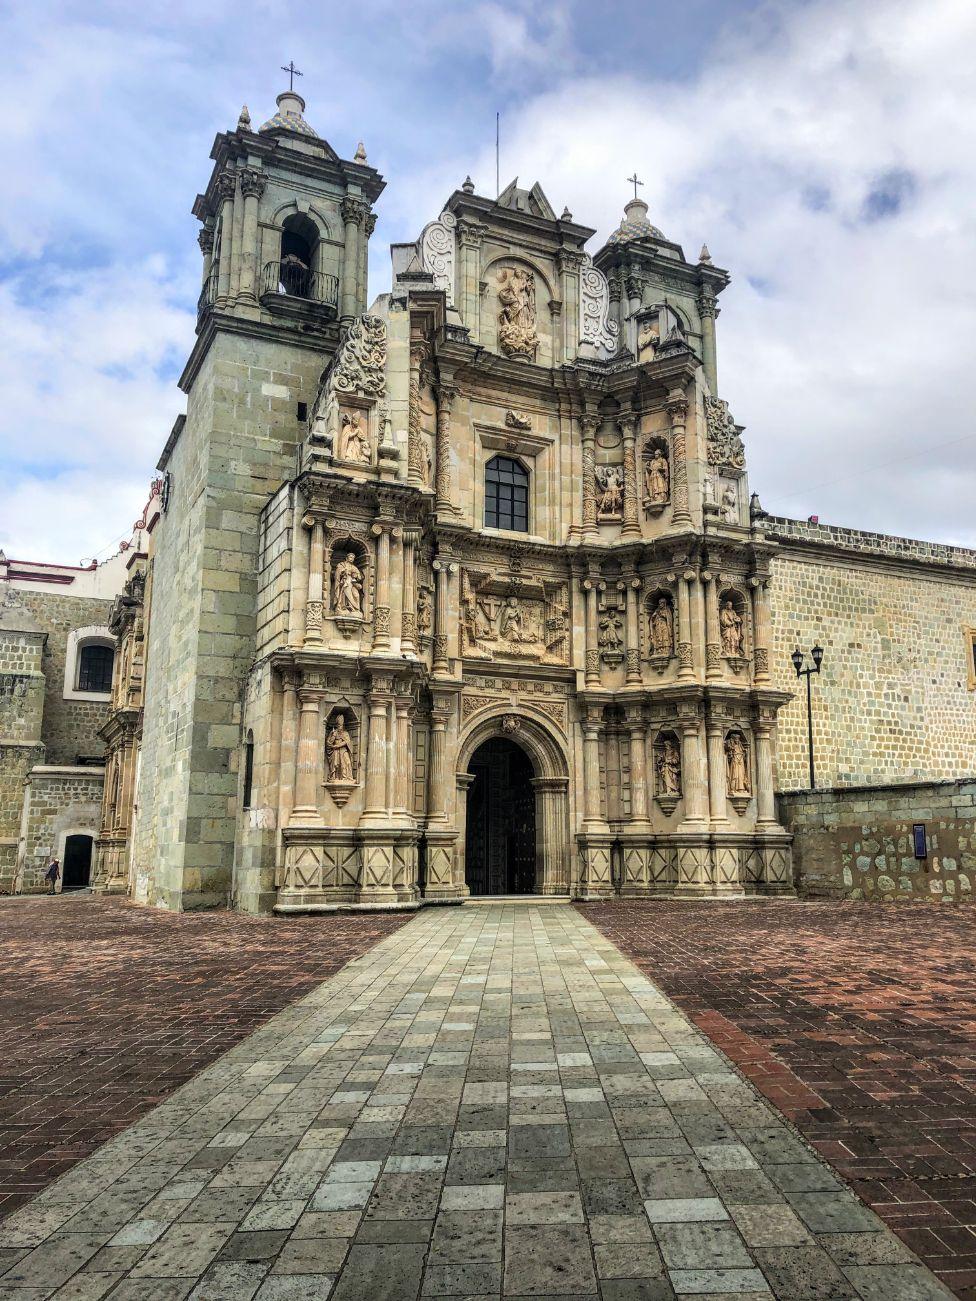 Basilica de Nuestra Senora de la Soledad in Oaxaca